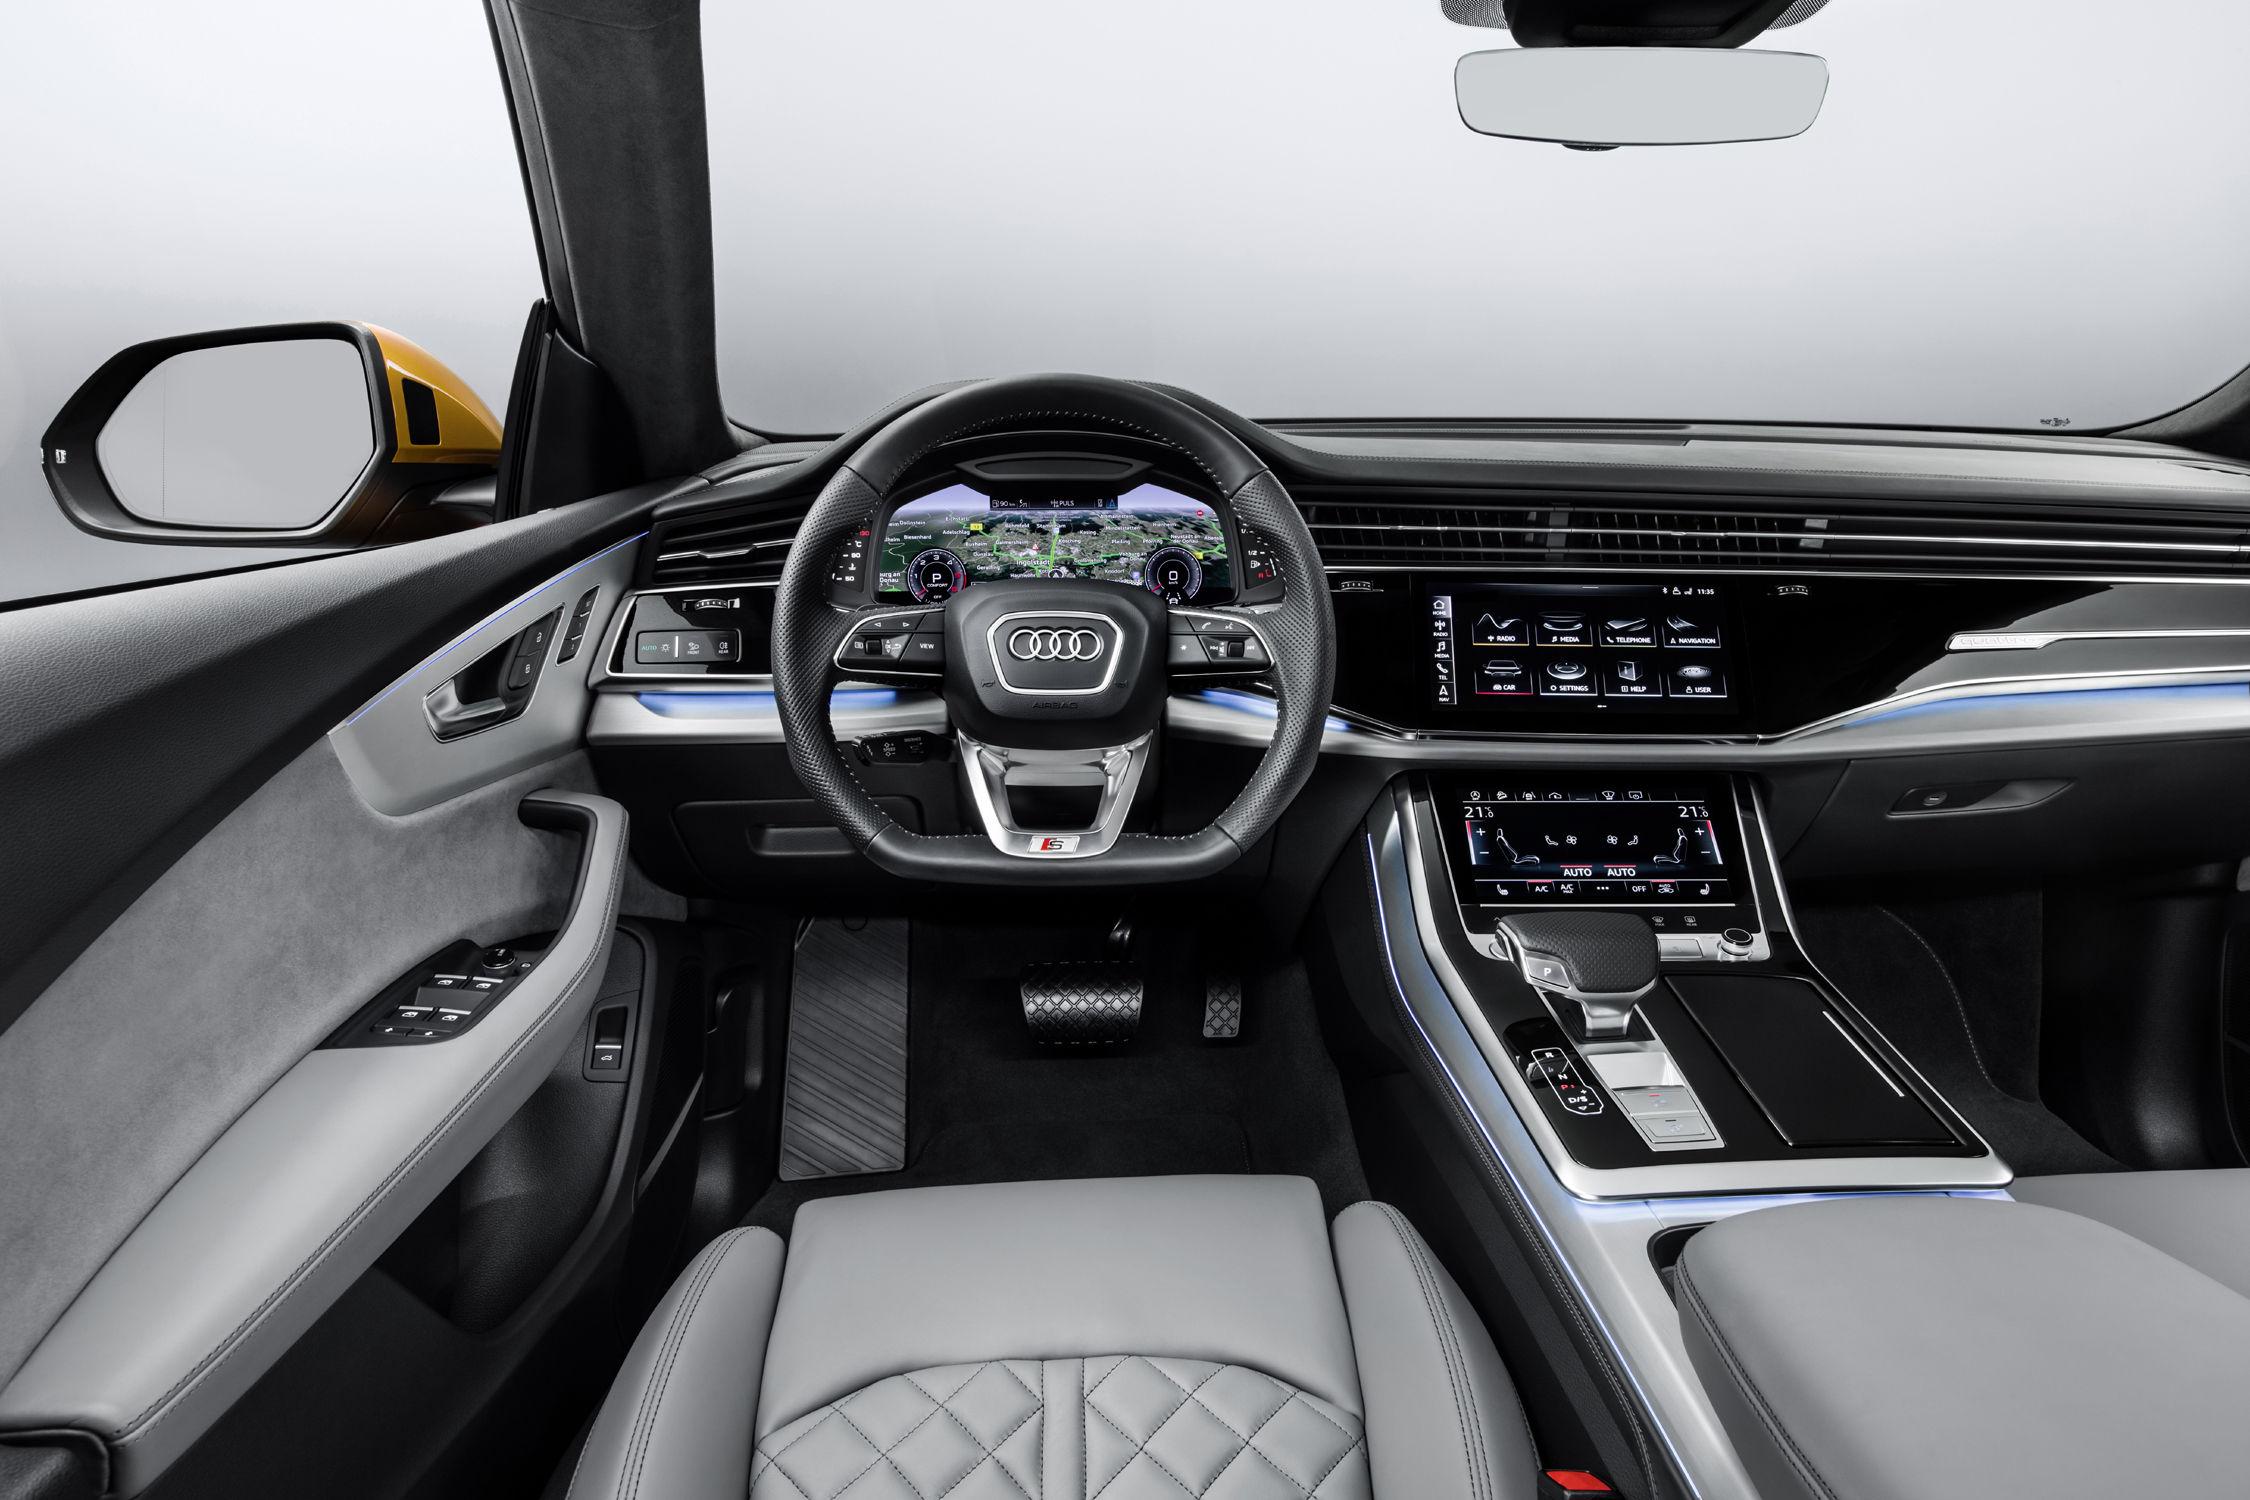 Nouveau SUV Audi Q8 - actualité automobile - Motorlegend